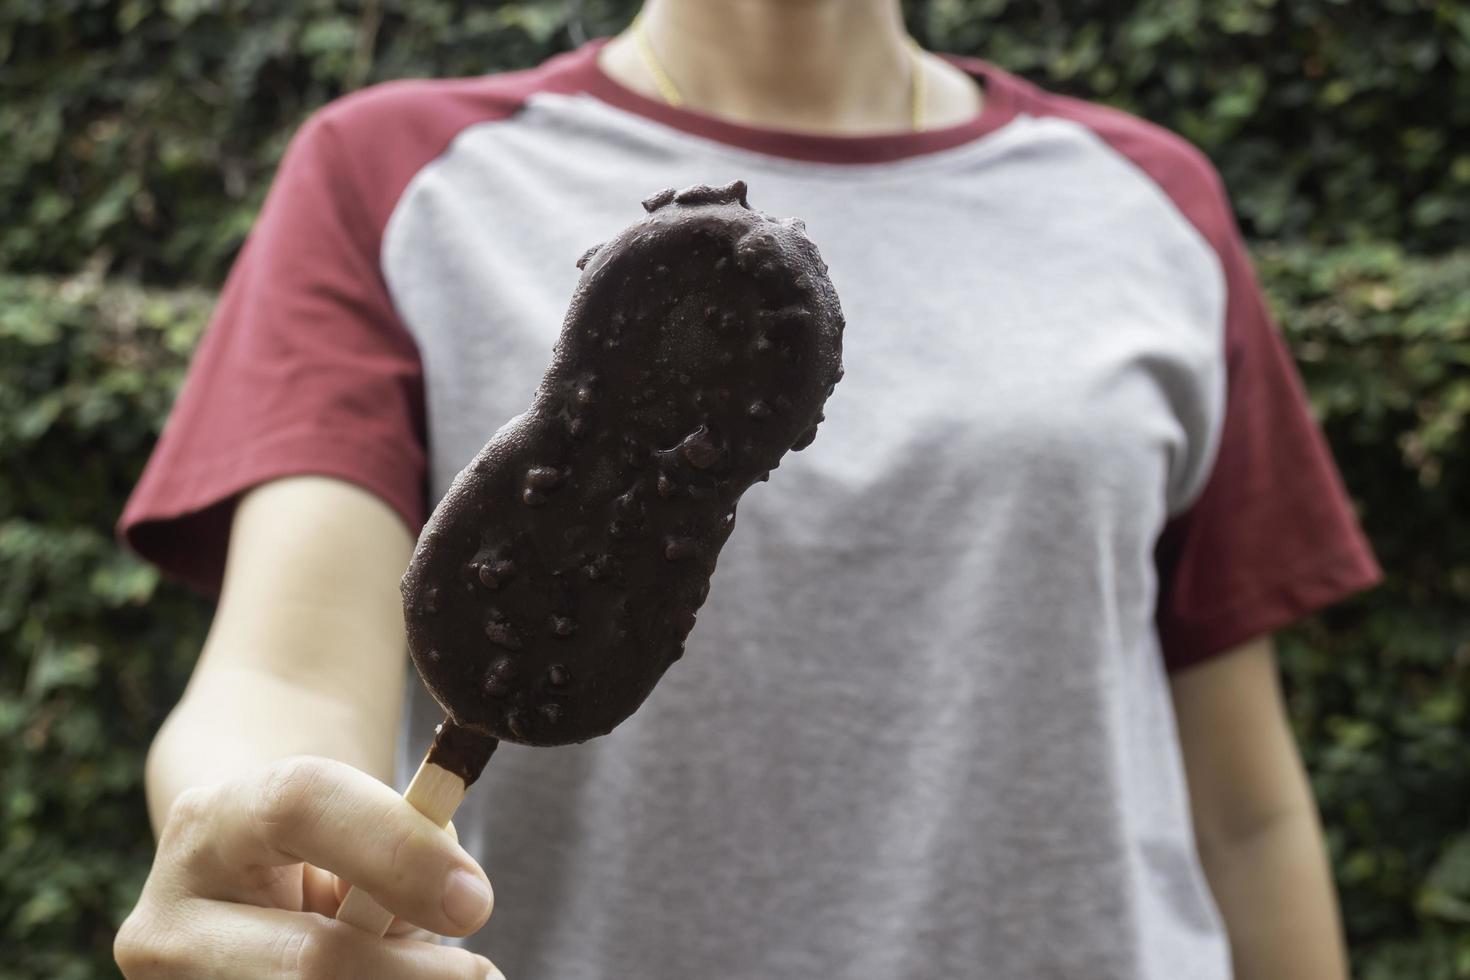 persoon met chocolade-ijs stok foto